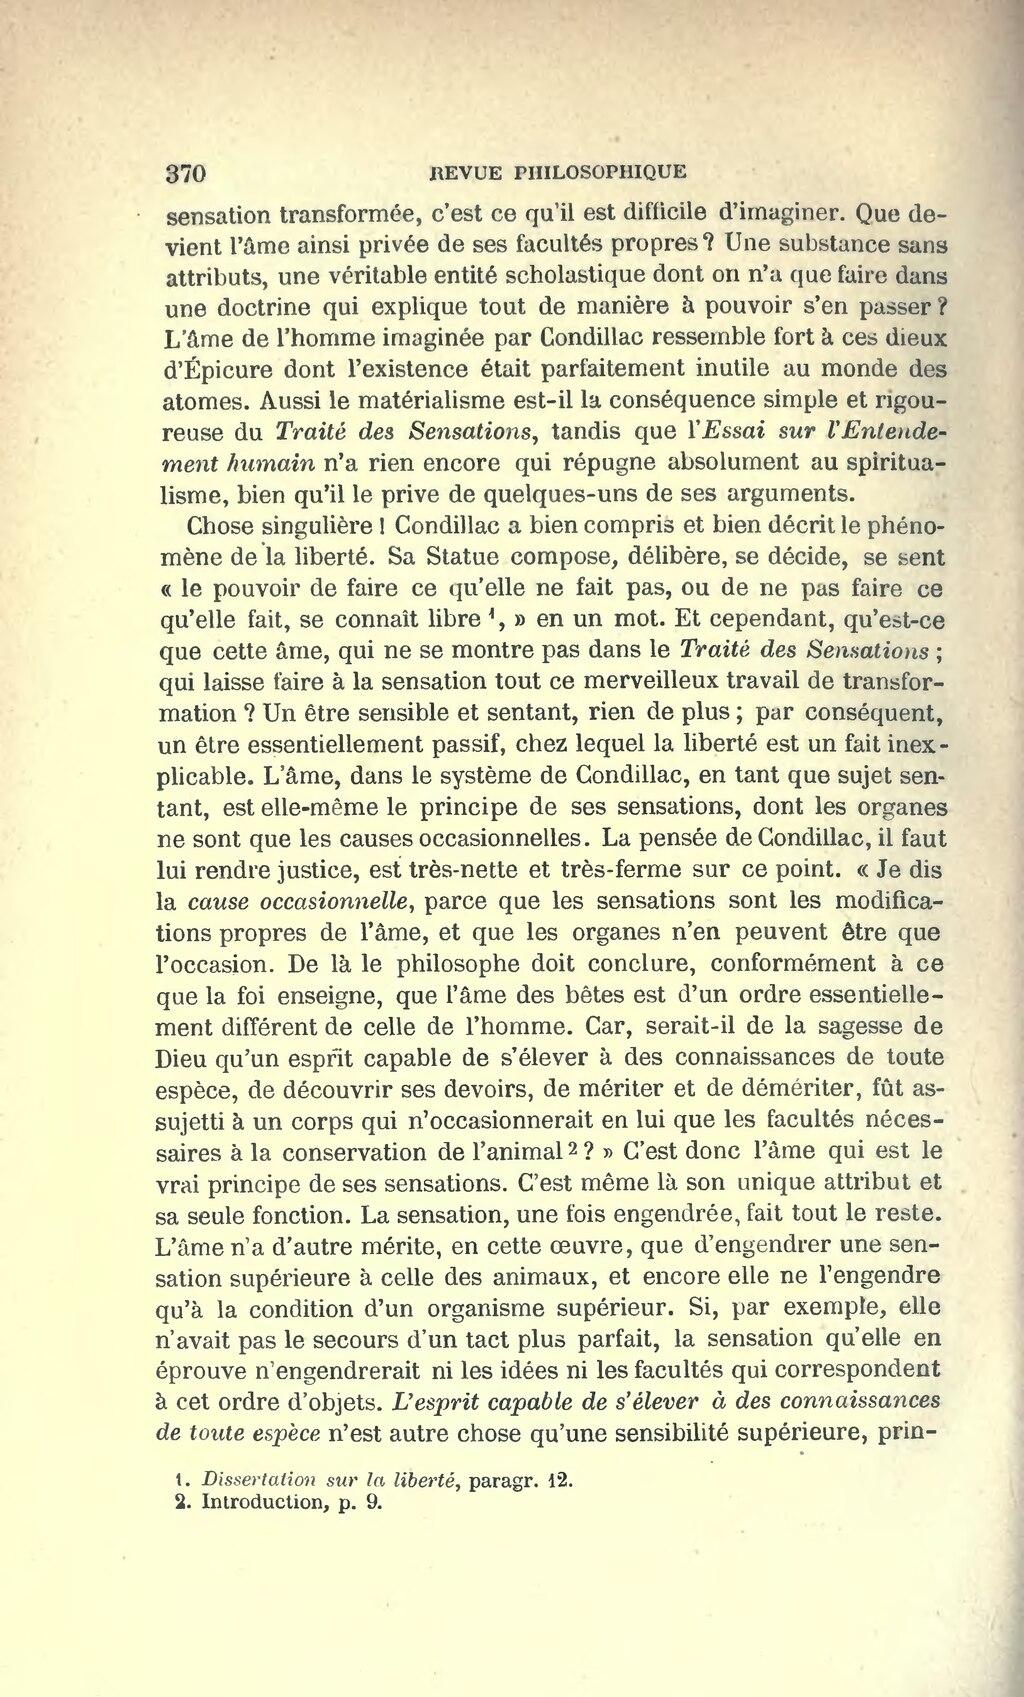 """dissertation philosophique sur la libert Un bon sujet de dissertation de philo pour le bac 2015 """"le socle, c'est la loi sur la presse de 1881 qui interdit l'injure et la diffamation."""